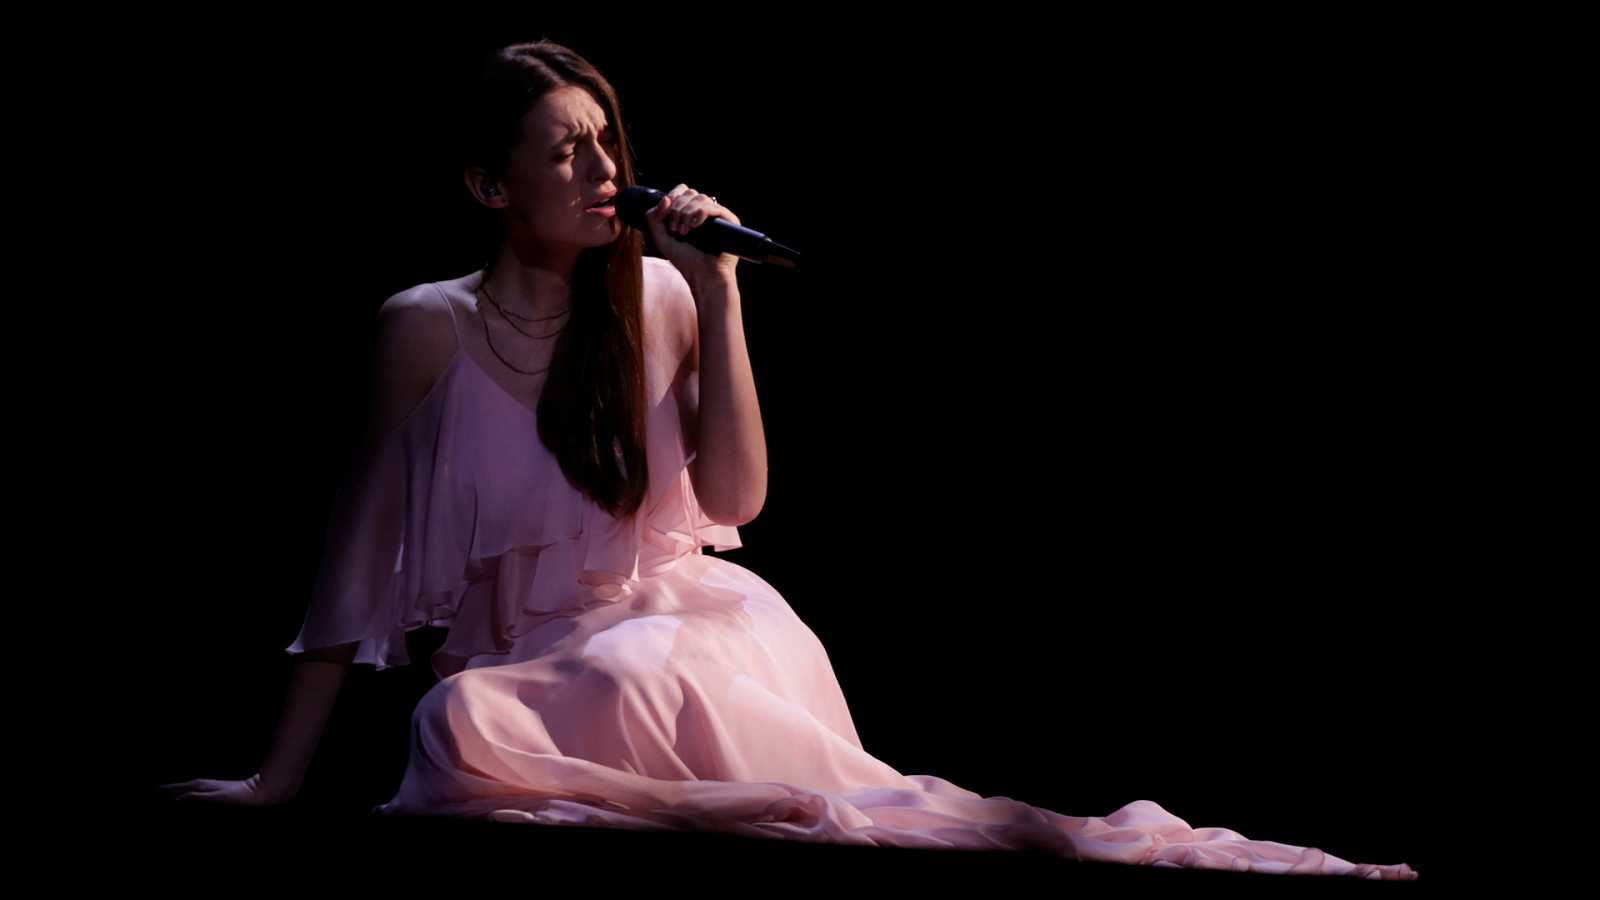 """Eurovisión - Lituania: Ieva Zasimauskaite canta """"When we're old"""" en la primera semifinal de Eurovisión 2018"""